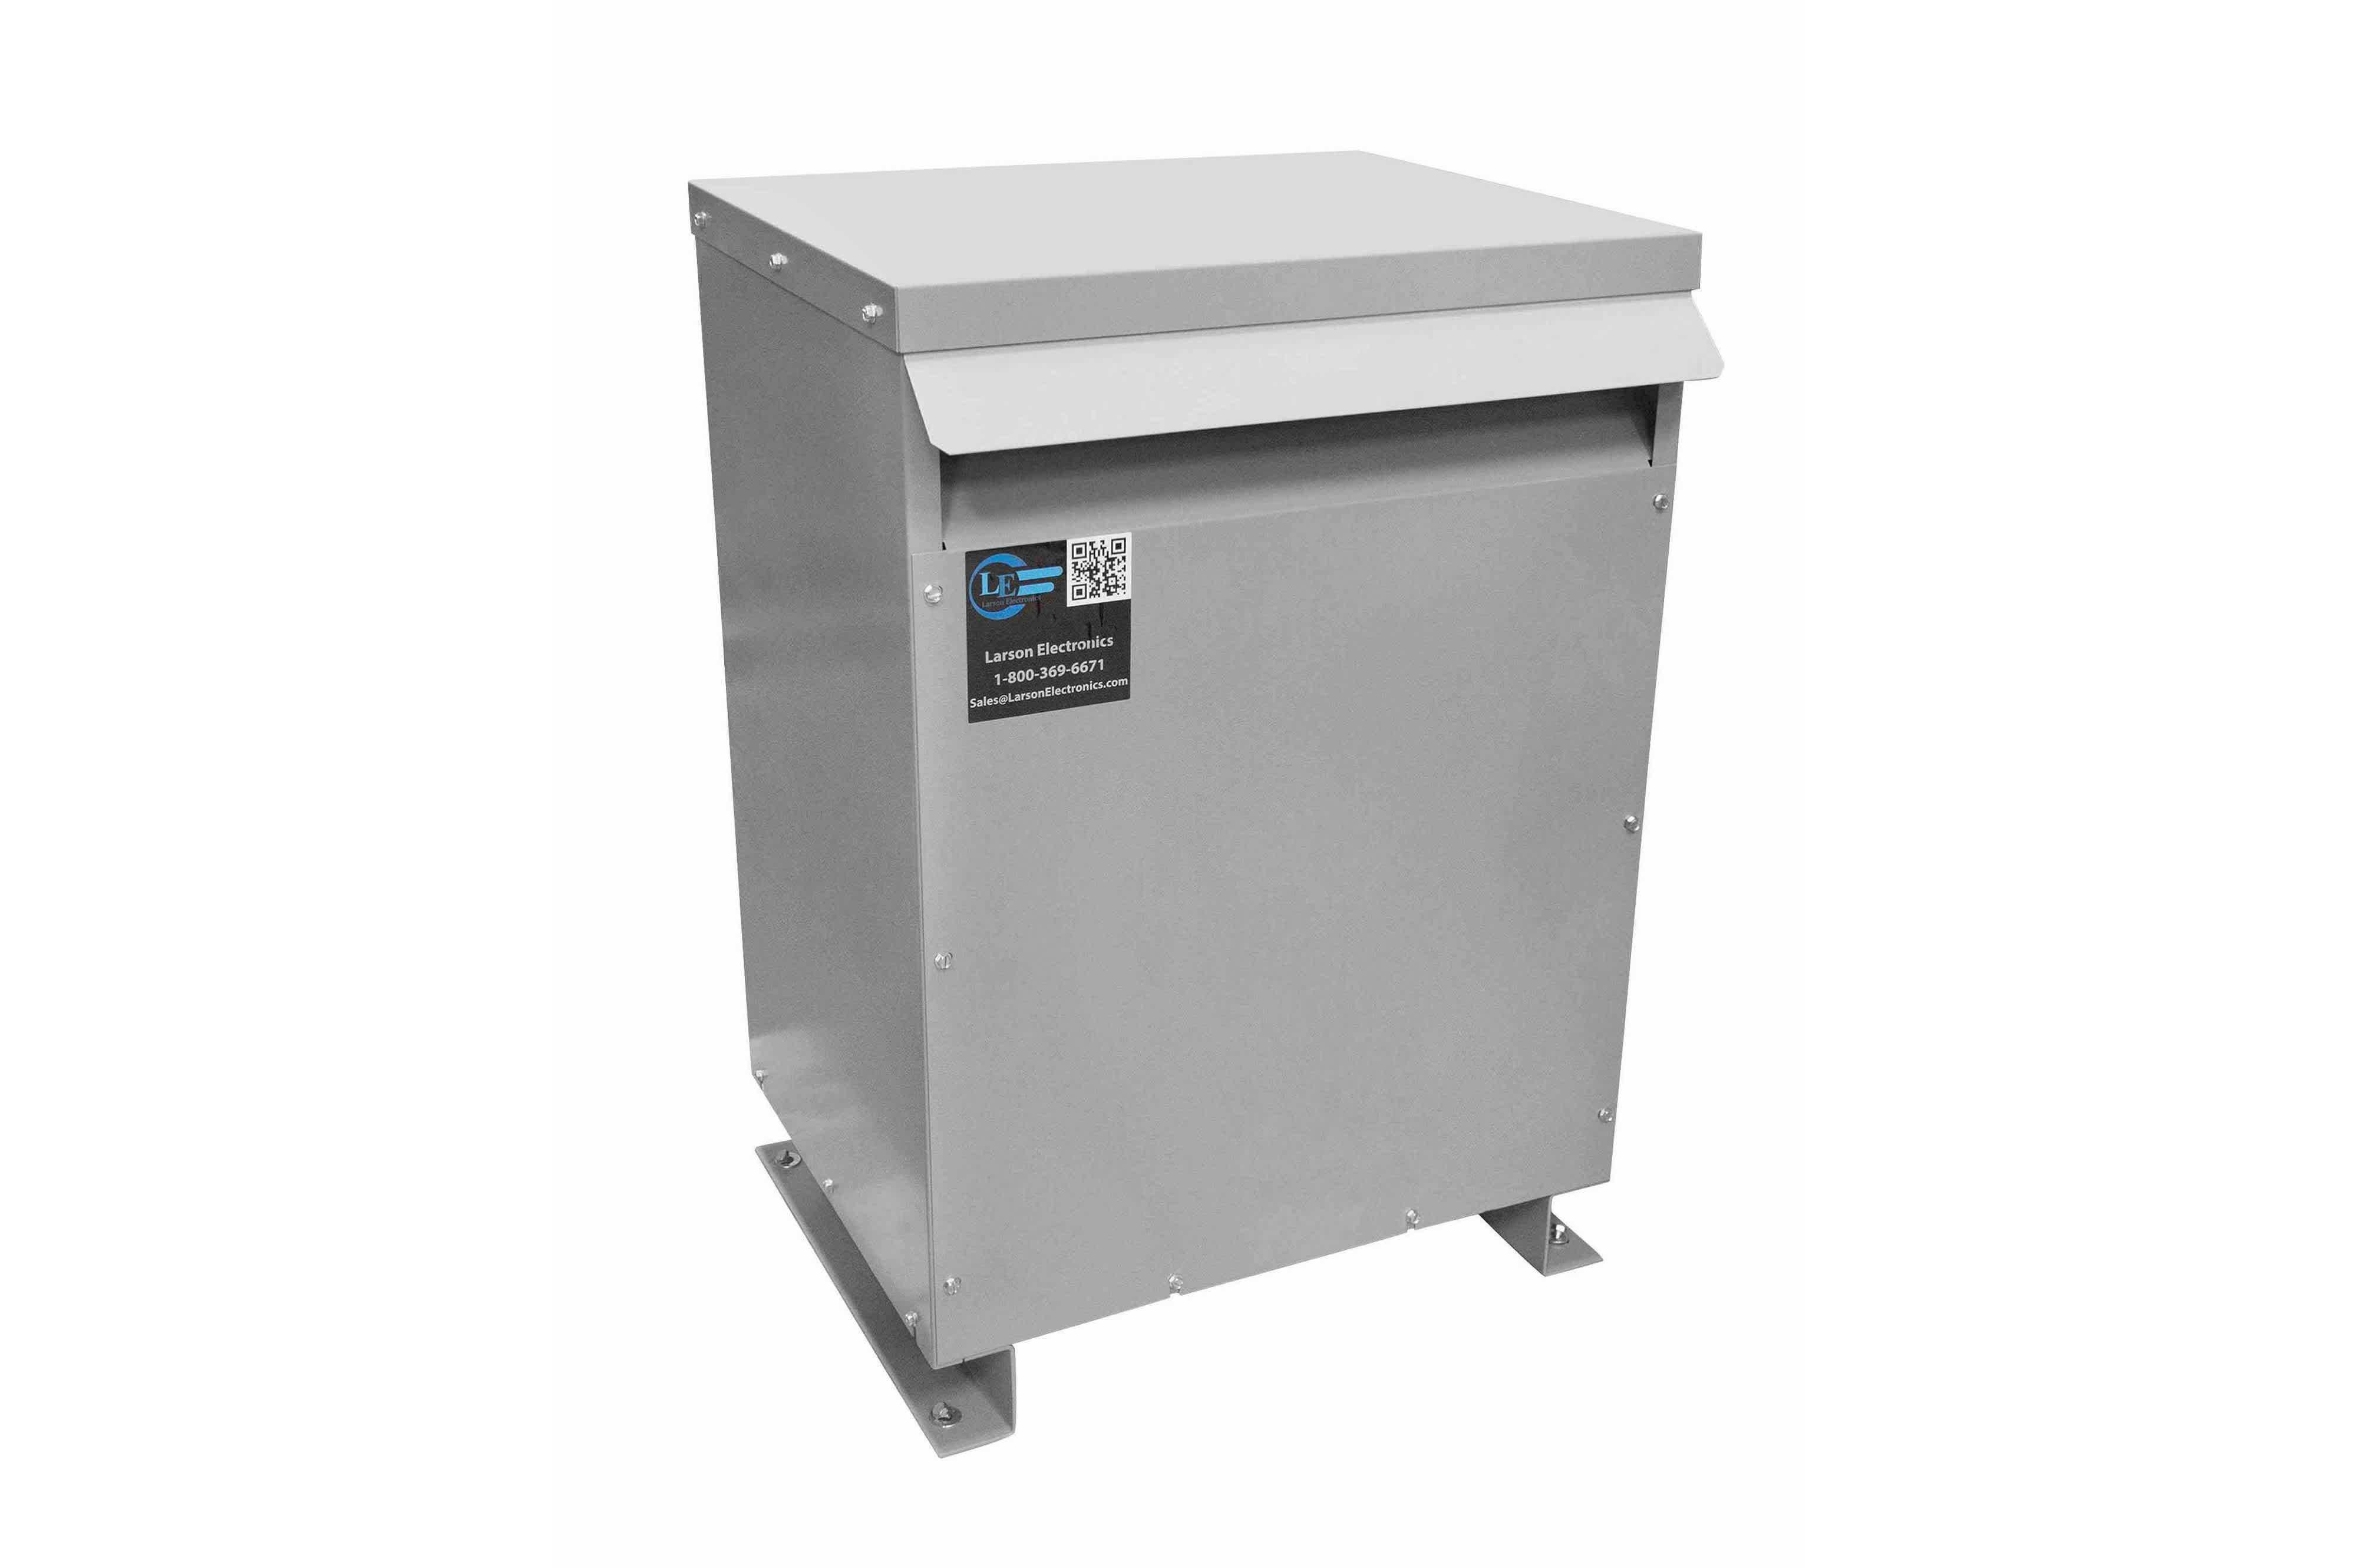 500 kVA 3PH Isolation Transformer, 415V Delta Primary, 208V Delta Secondary, N3R, Ventilated, 60 Hz